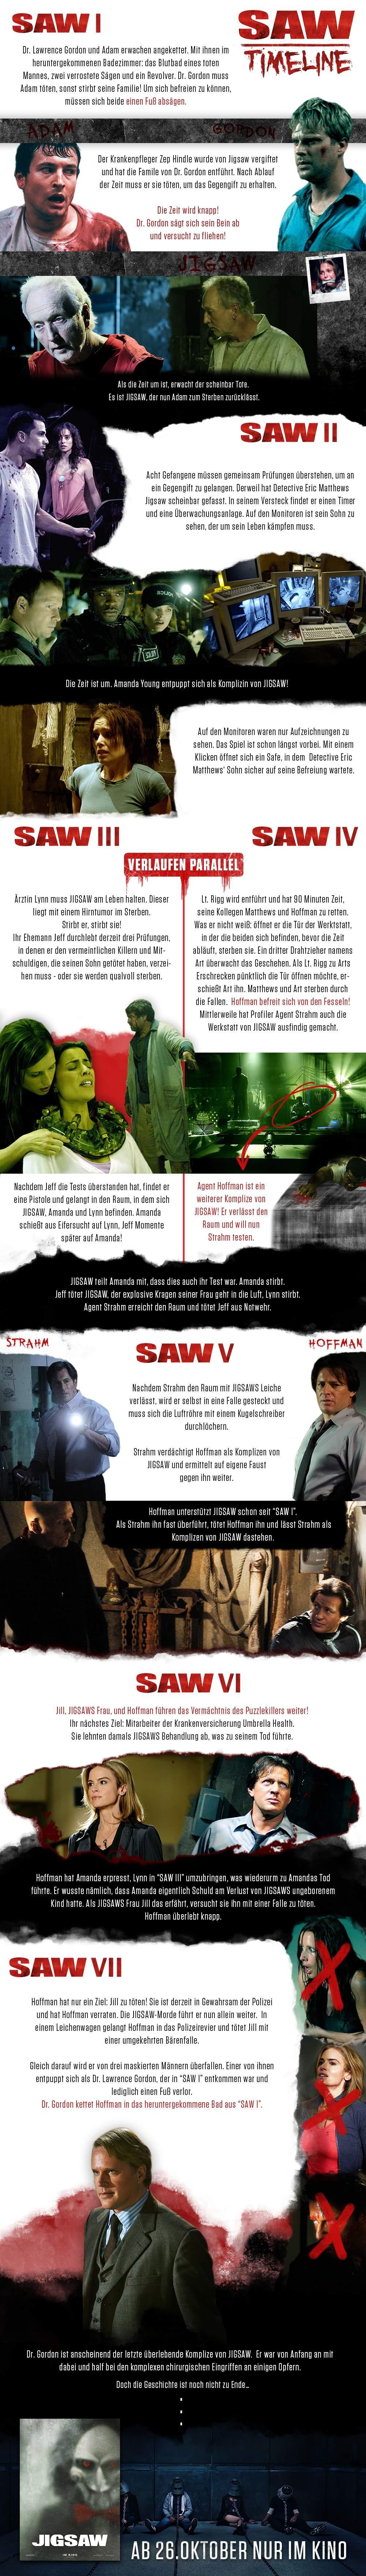 SAW Timeline als Bild